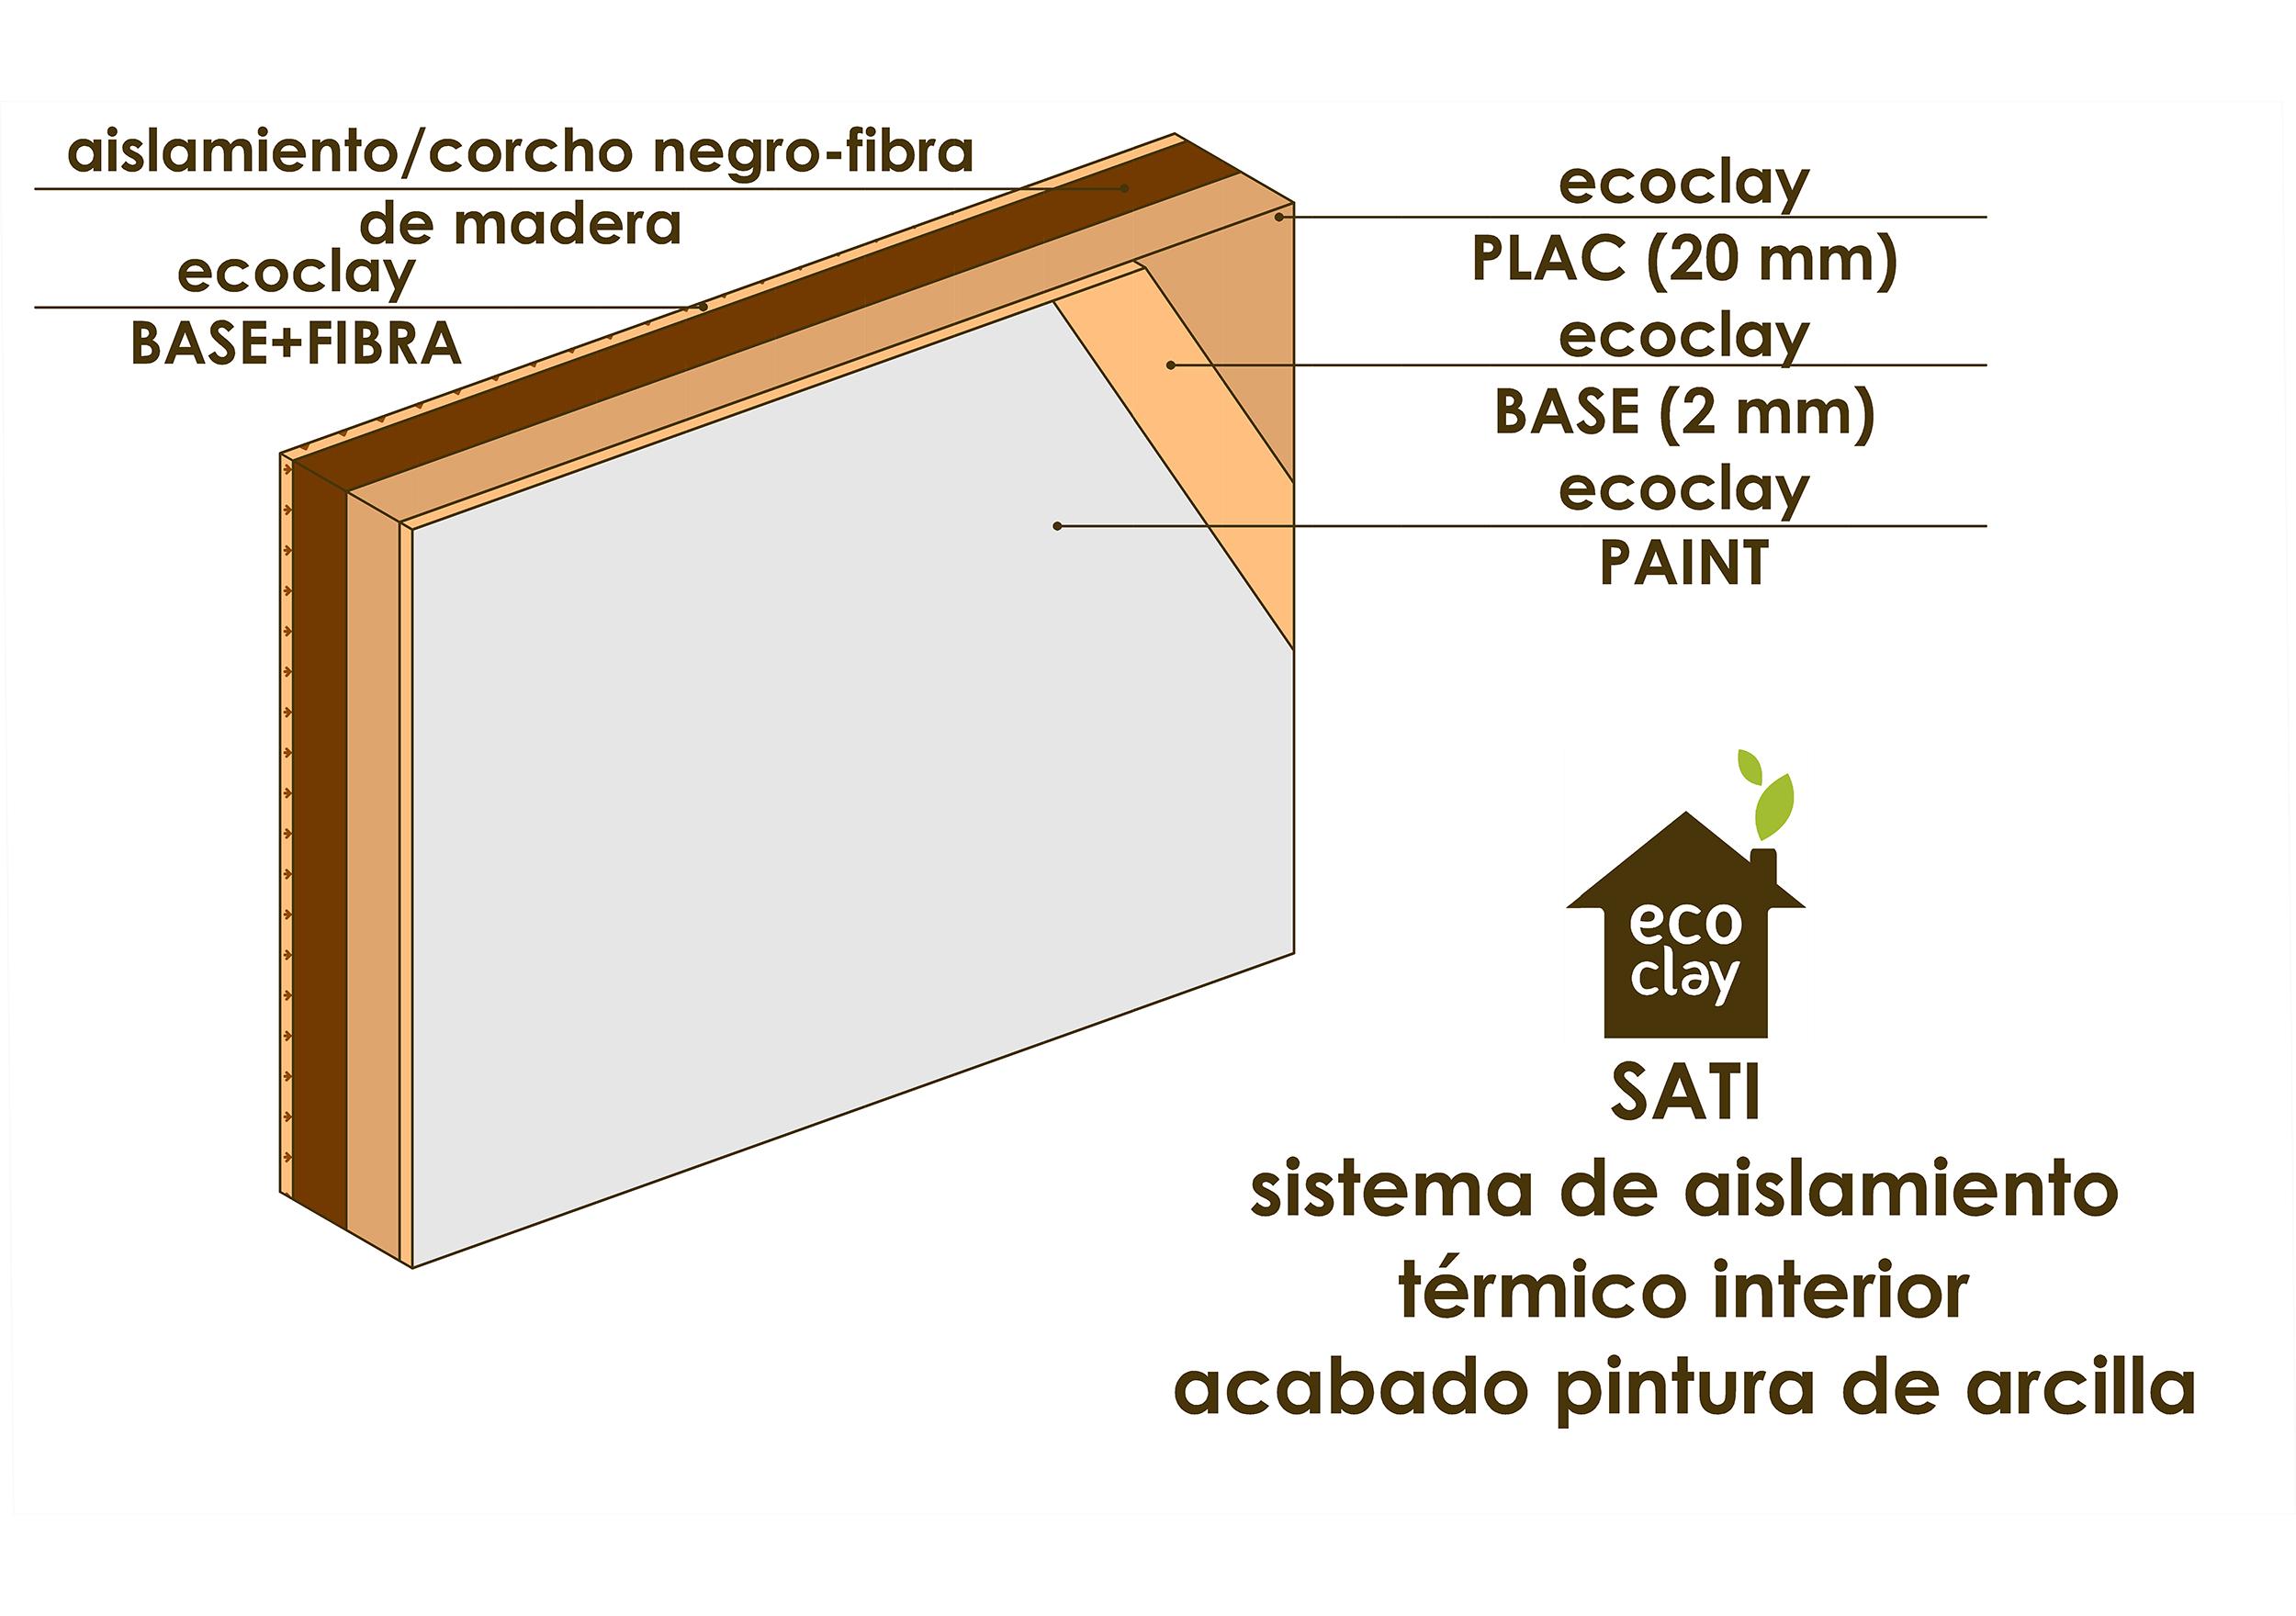 SATI. acabado de pintura de arcilla. ecoclayPAINT